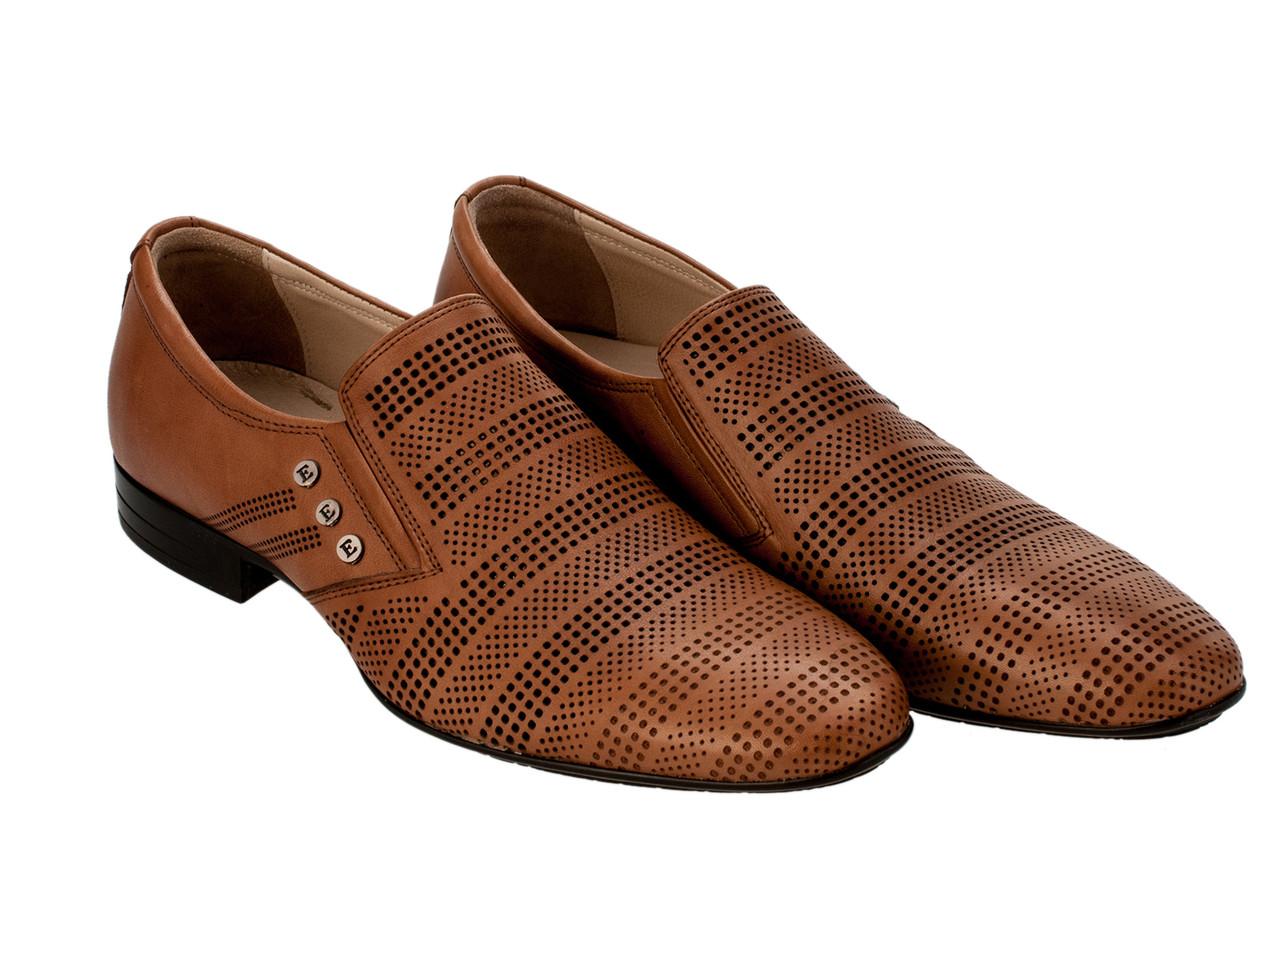 Туфли Etor 11493-7118 бежевые, фото 1